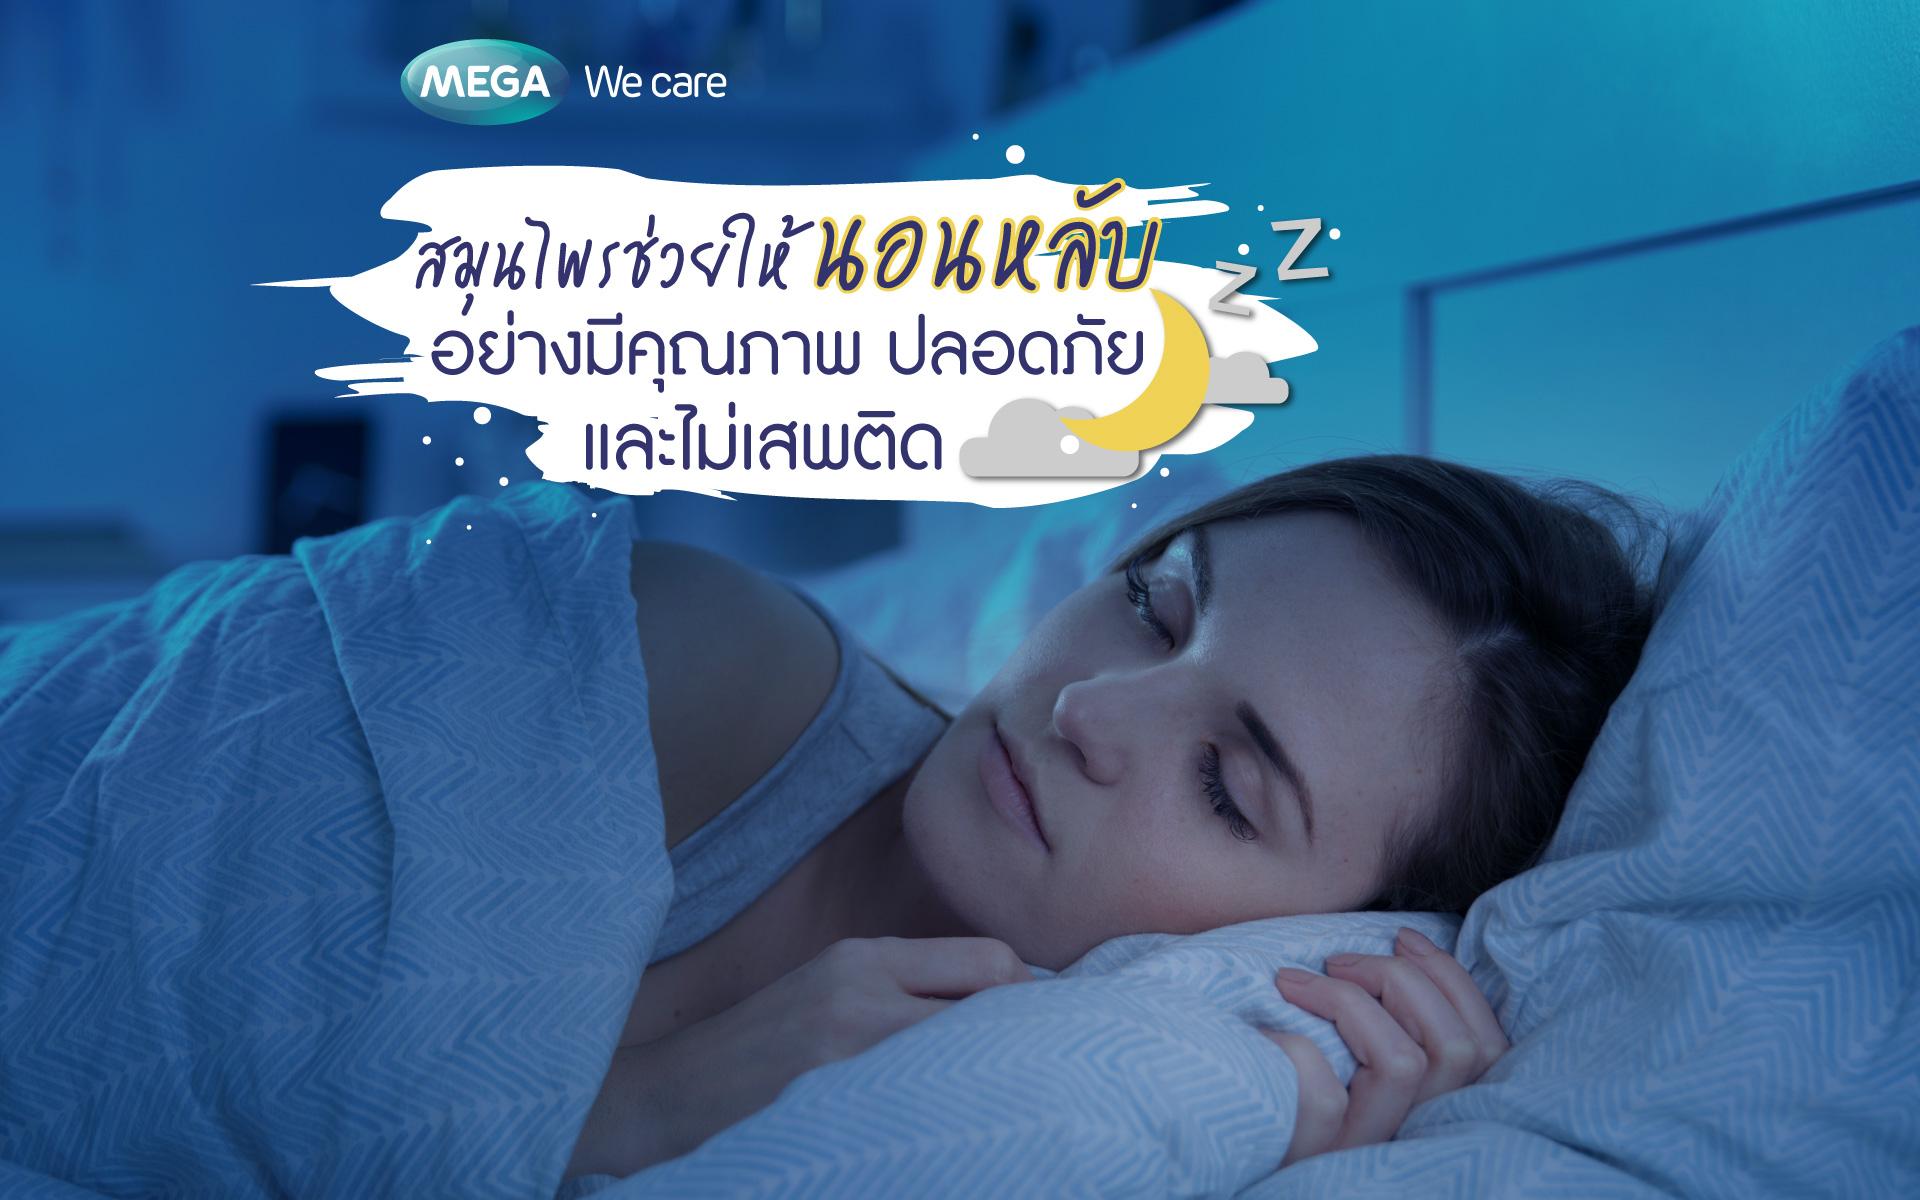 สมุนไพรช่วยให้นอนหลับอย่างมีคุณภาพ